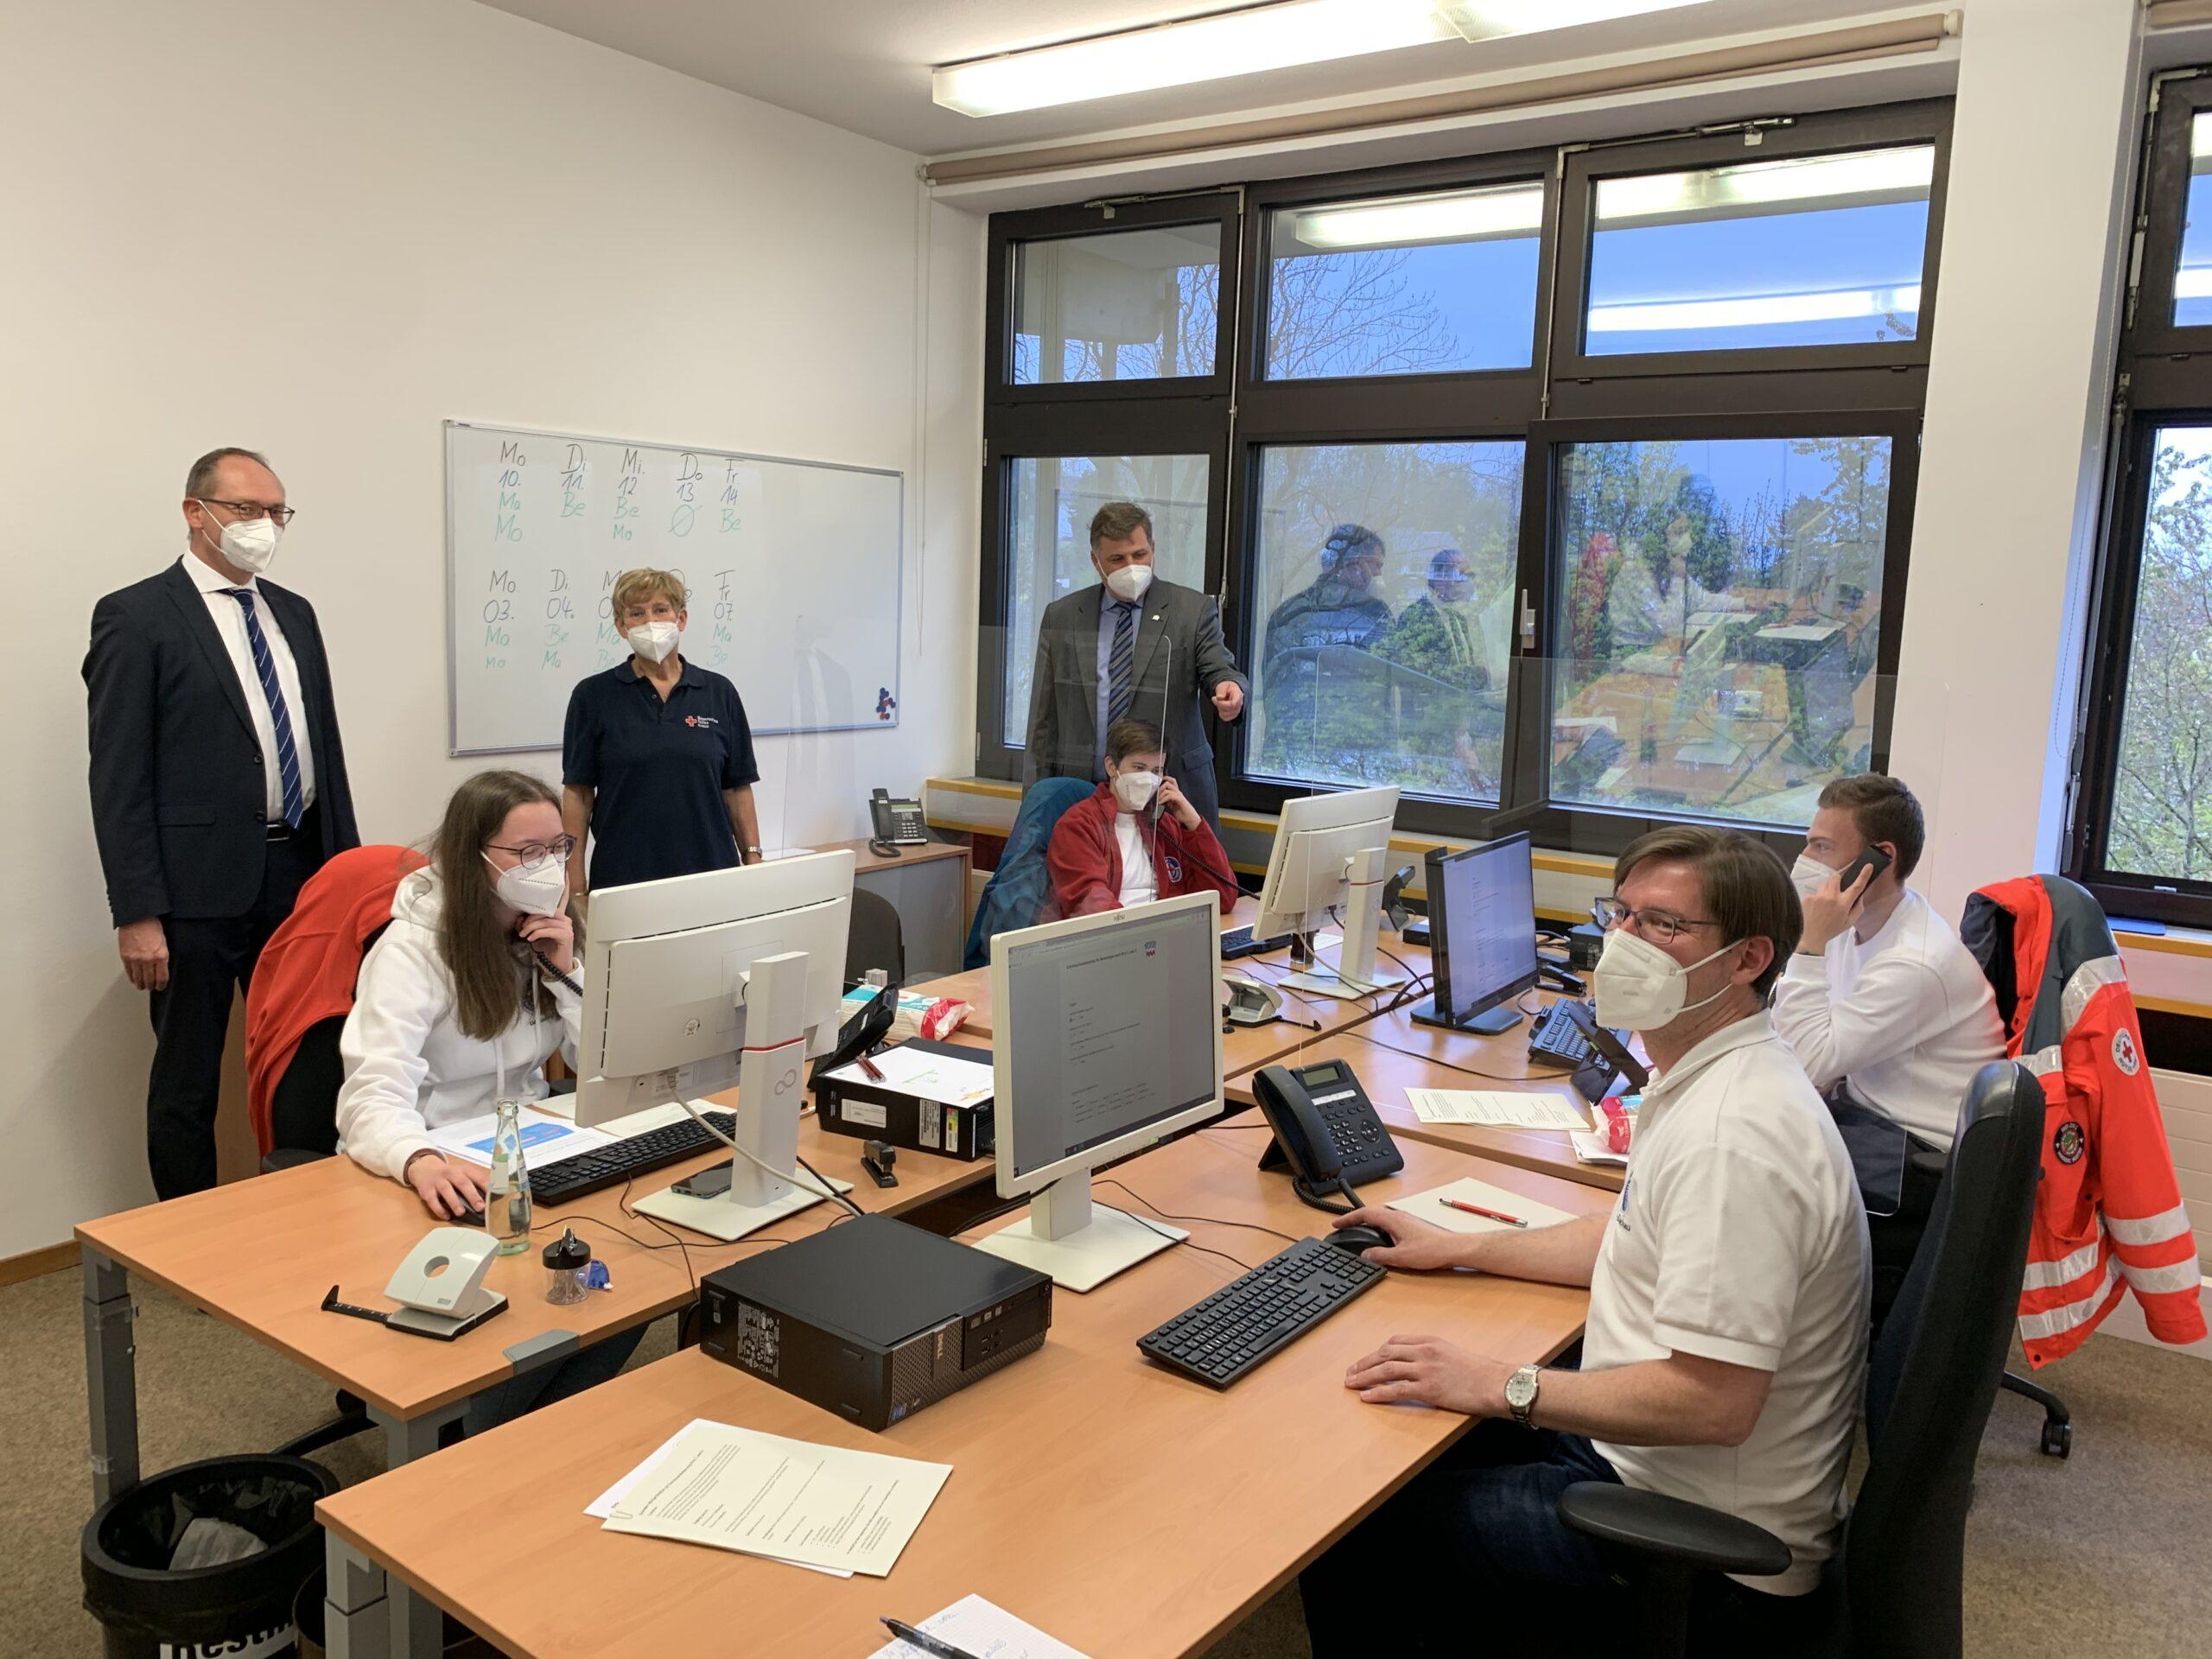 Foto: Bernhard Seidenath, Angelika Gumowski und Landrat Stefan Löwl (stehend). An den Telefonen: Aline Huber und Jasmin Rüby (hinten). Vorna: Florian Bischl und Merrick Biniossek.